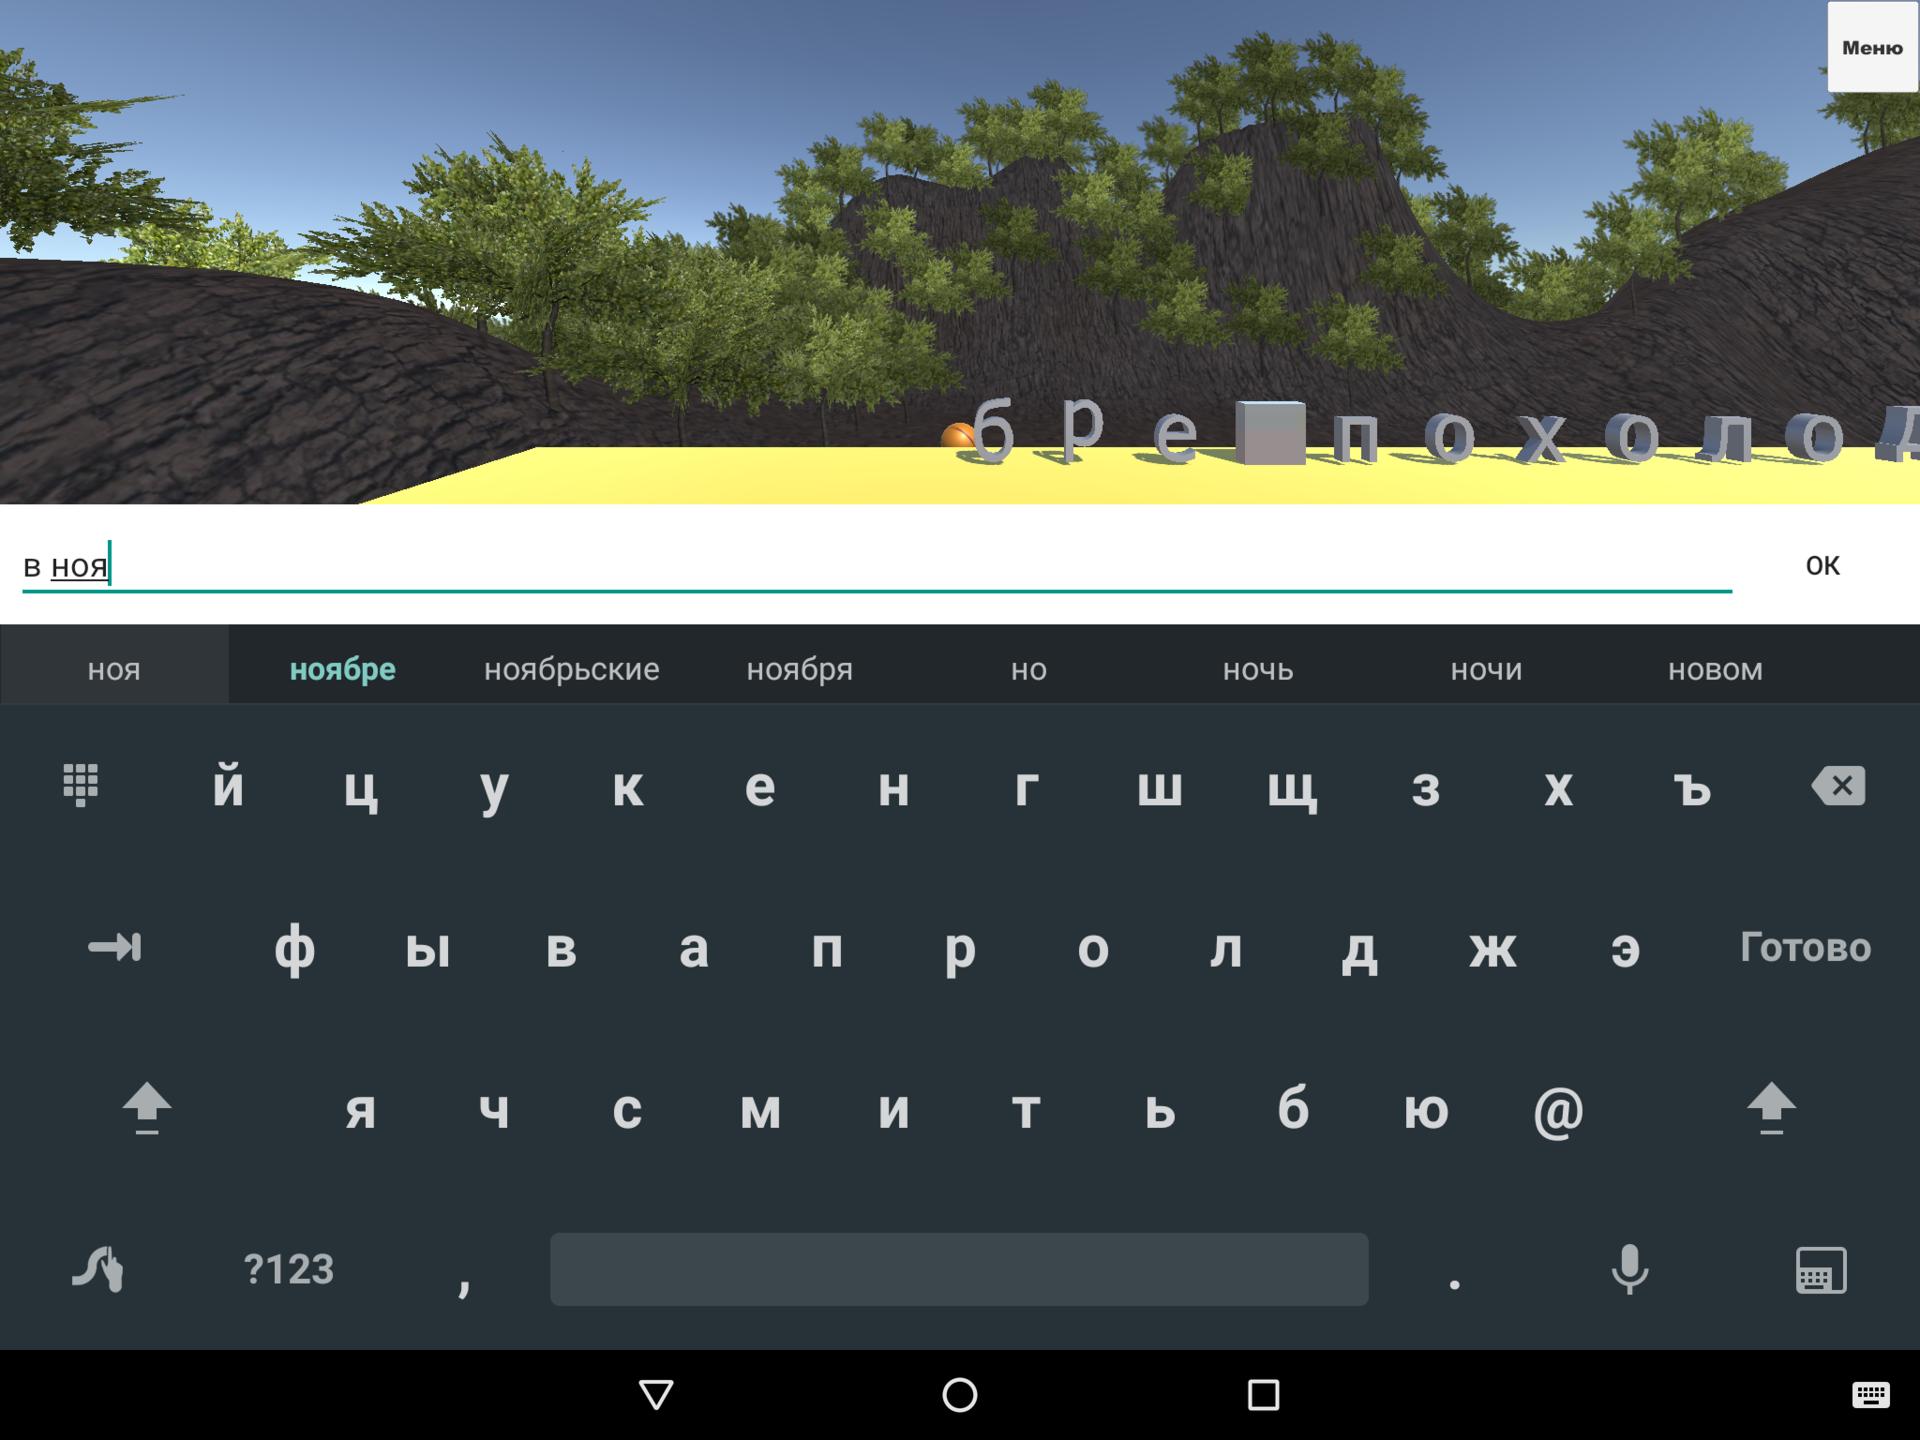 ChairInput. Пишем игру в Unity, управляемую с помощью виртуальной клавиатуры Android. Проблема с углом обзора камеры - 2